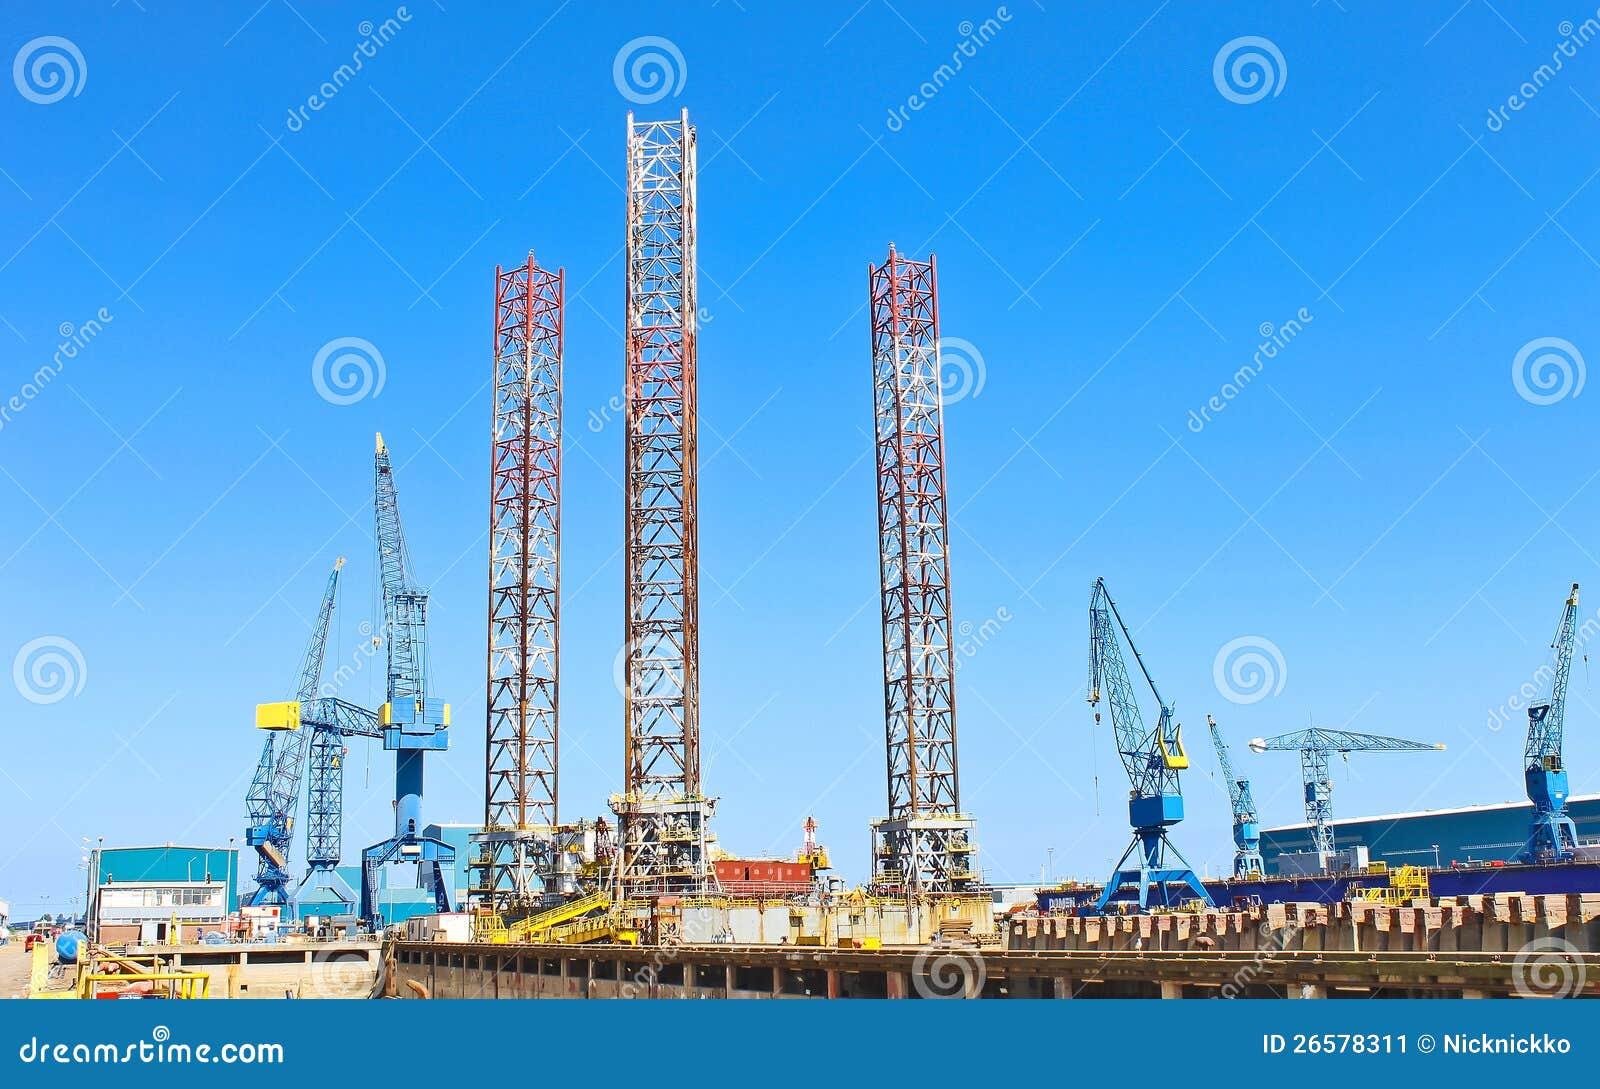 oil rig women naked